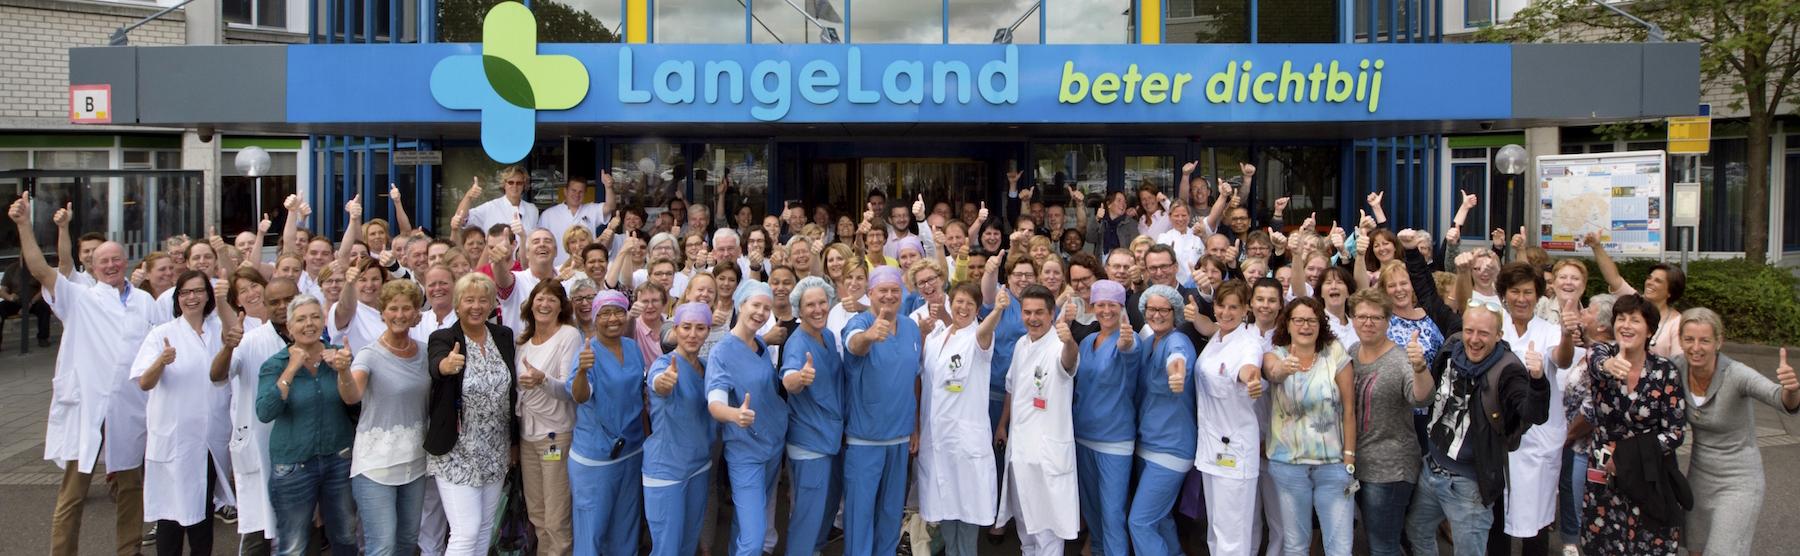 Langeland ziekenhuis